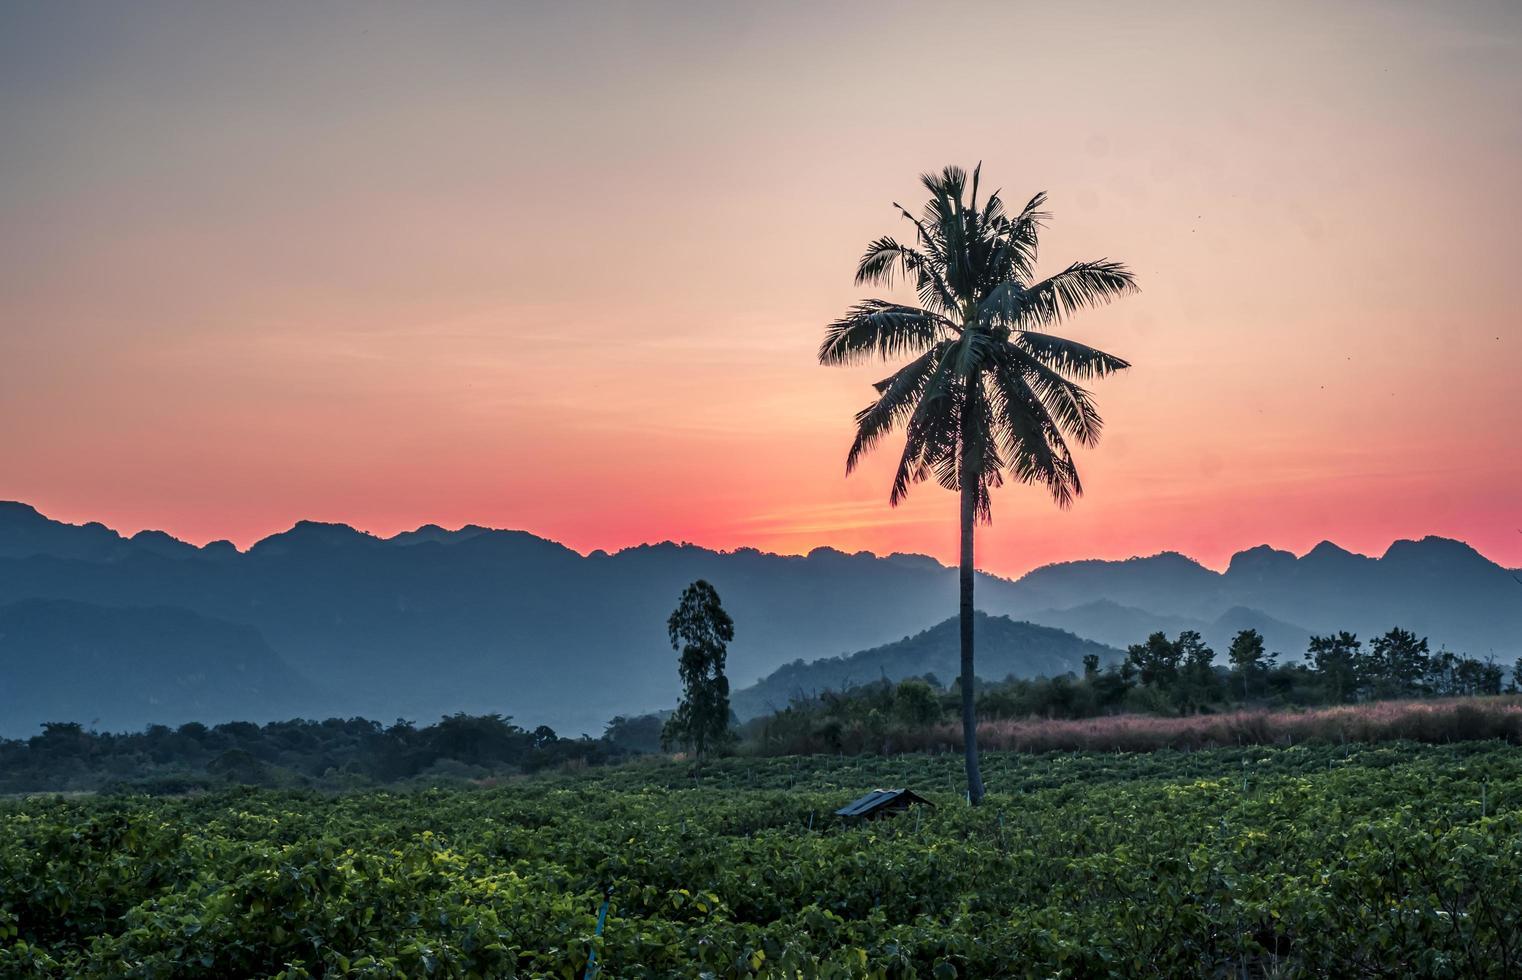 silhouet van palmboom met bergen achtergrond foto